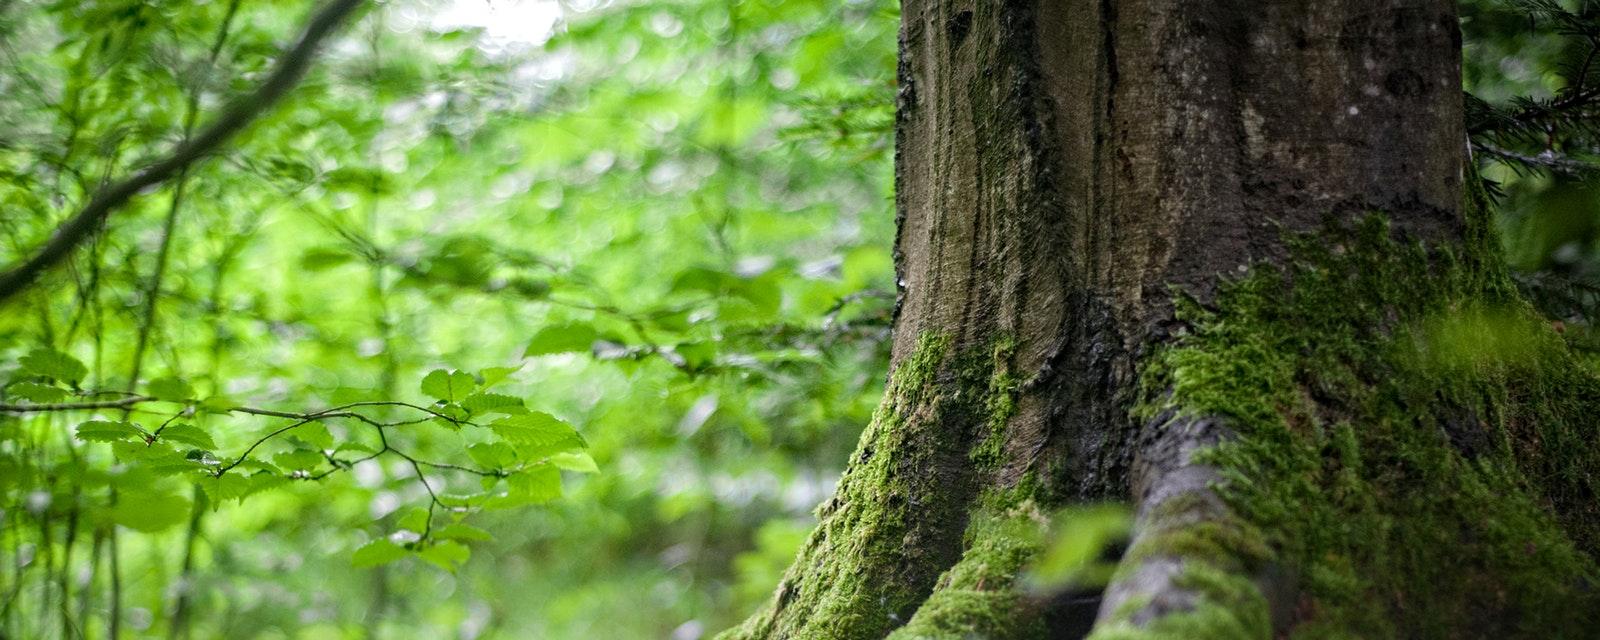 <h2>Natuur</h2><div>Meer en betere natuur. Zo bestrijden we klimaatopwarming en houden we onze lucht, ons water en onze bodem gezond.</div>